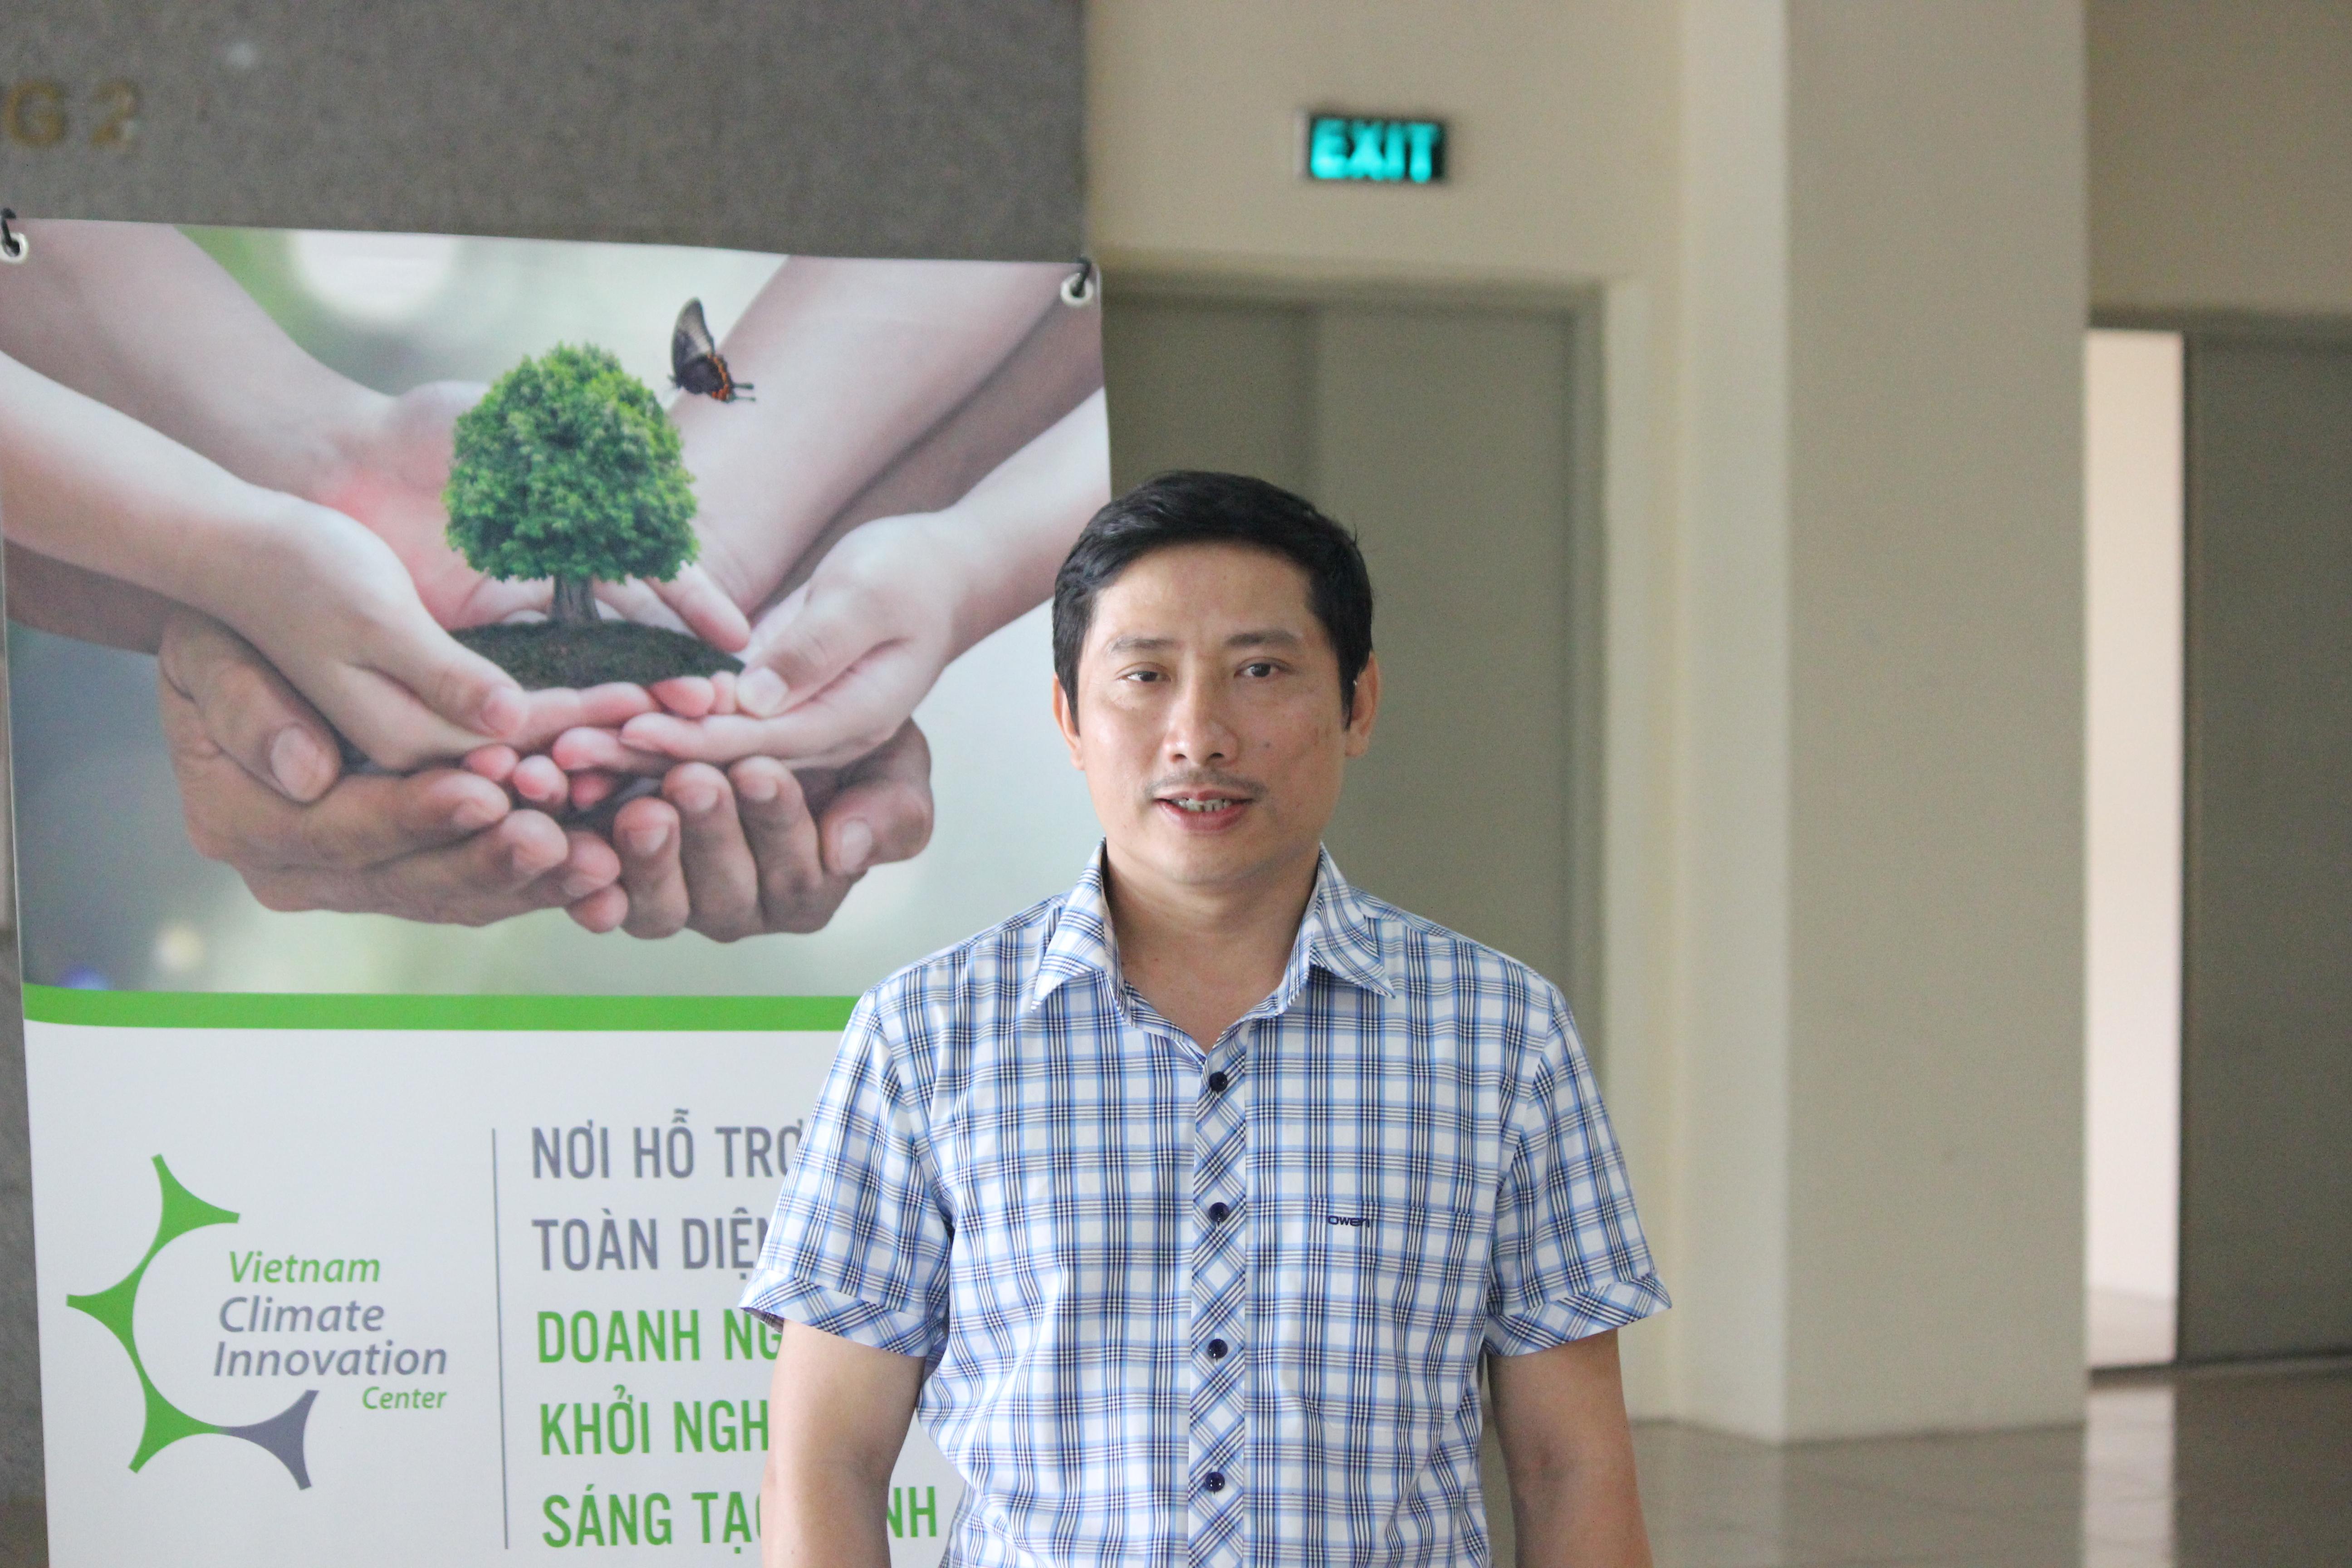 Doanh nhân Việt phát triển mô hình kinh doanh đổi mới sáng tạo biến phế phẩm nông nghiệp thành sản phẩm giúp phát triển nông nghiệp bền vững với sự hỗ trợ của VCIC